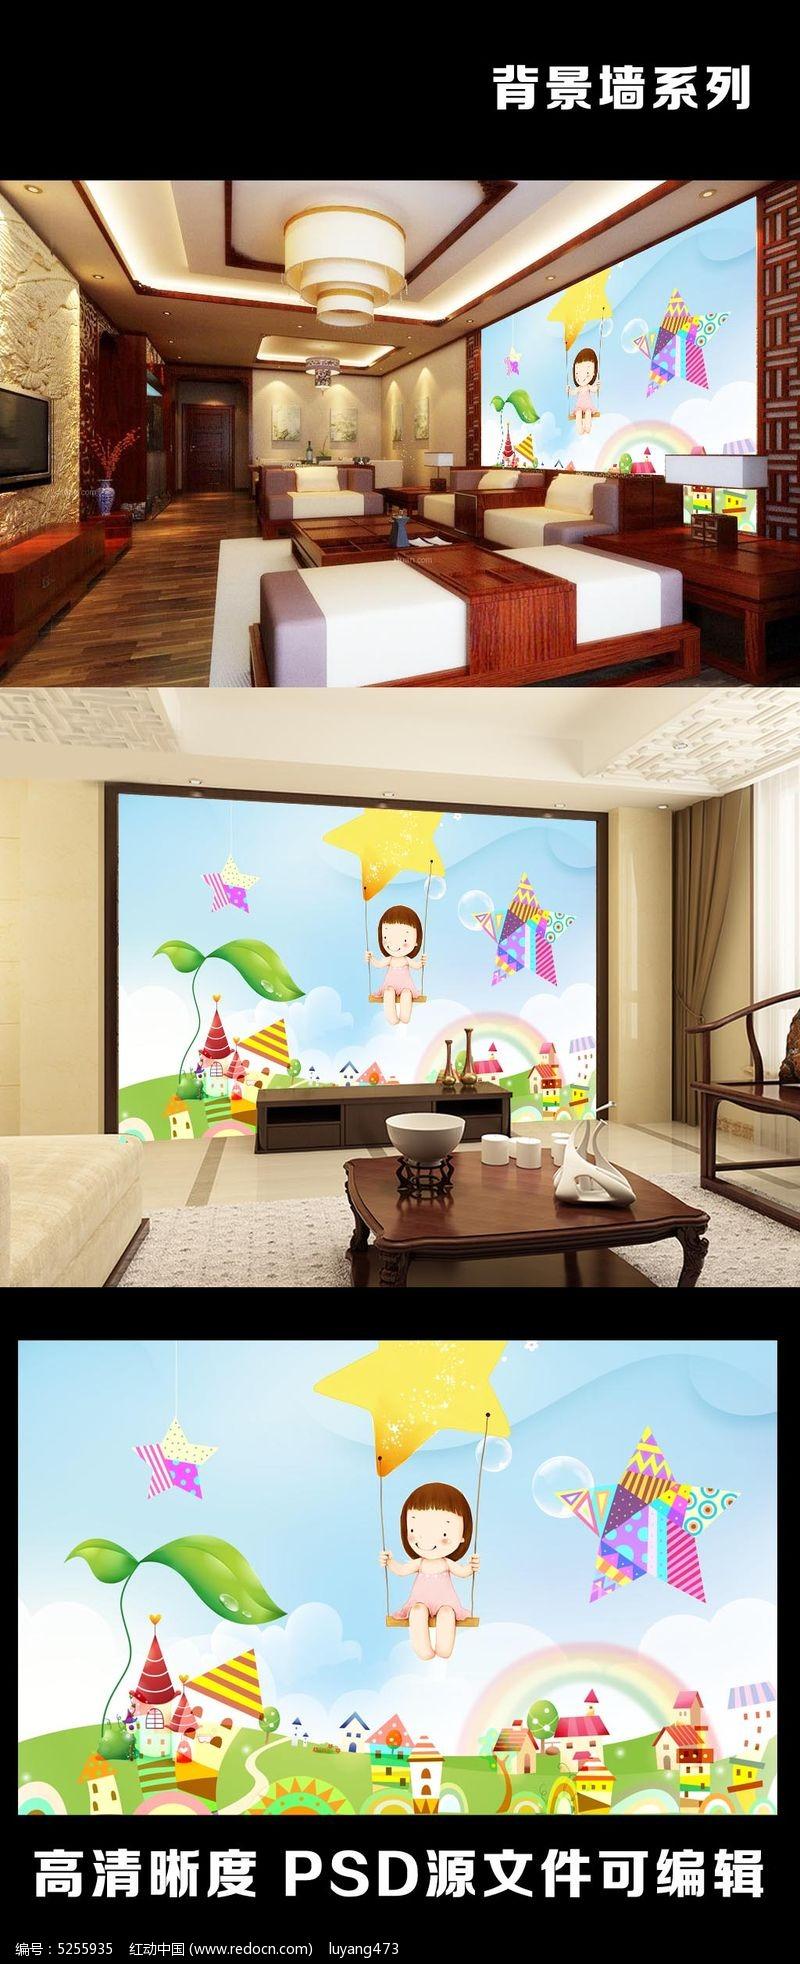 卡通漫画小女孩室内电视背景墙装饰画图片